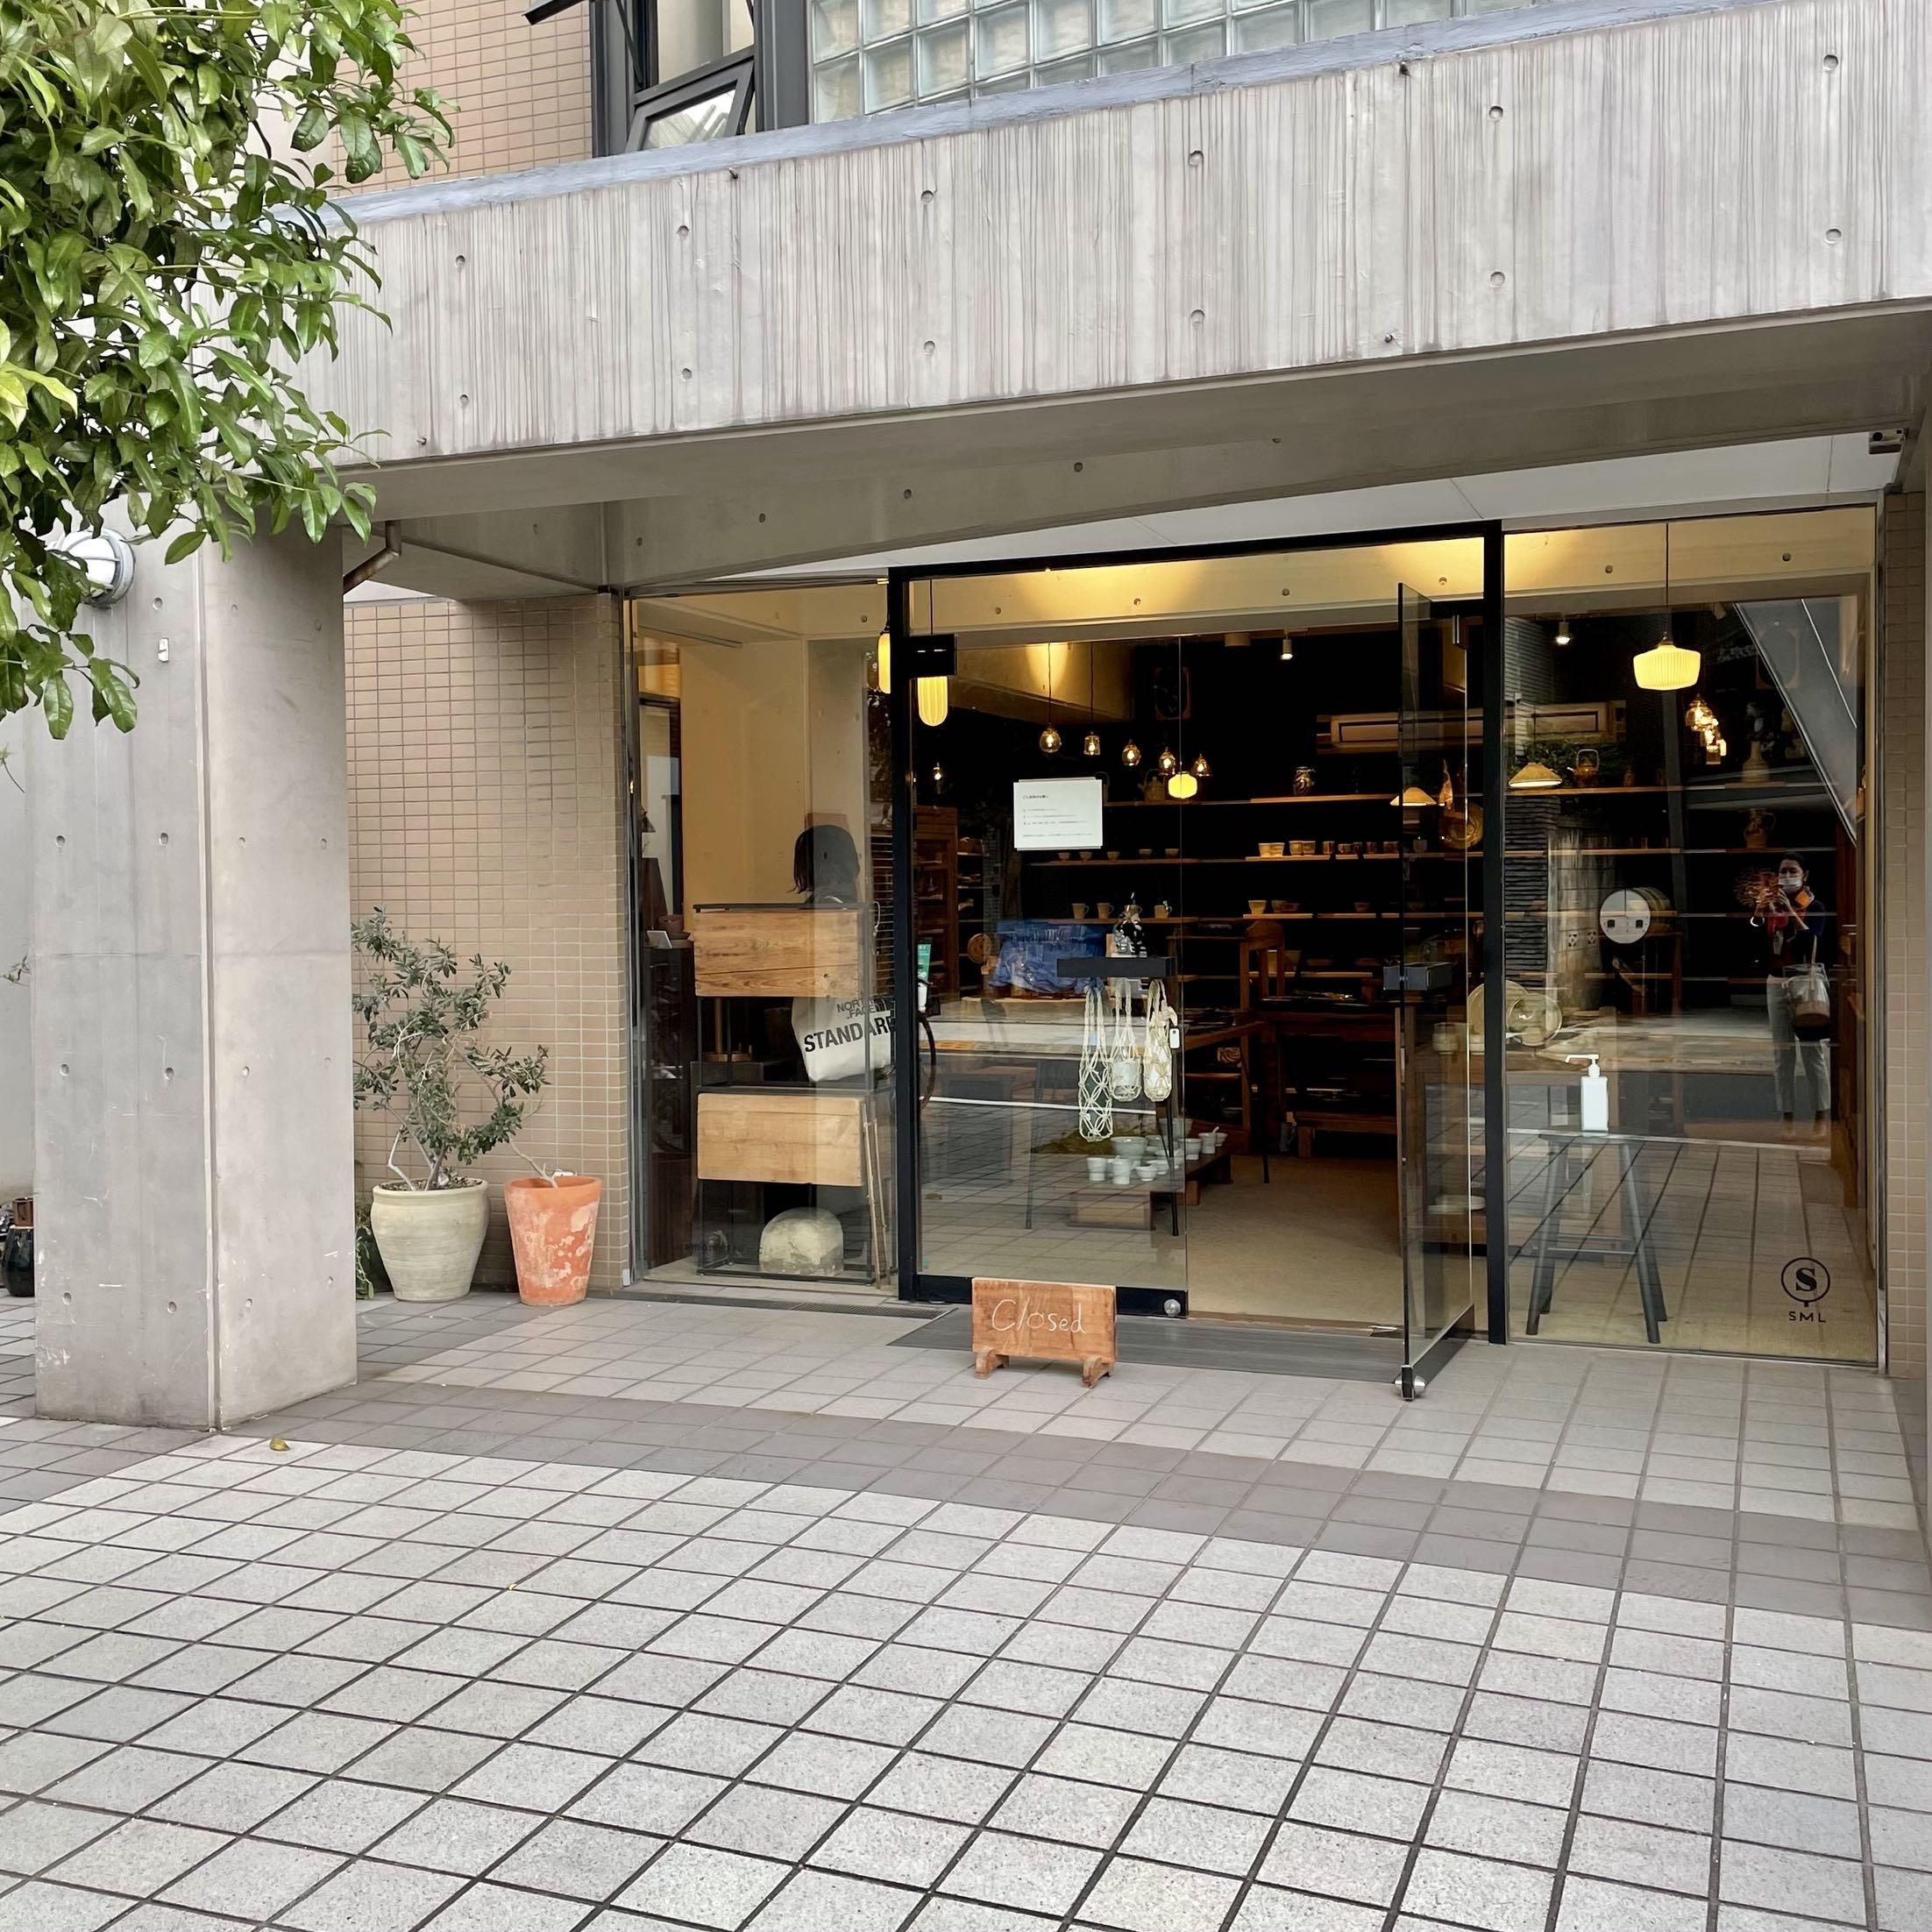 中目黒雑貨店「SML」の外観写真